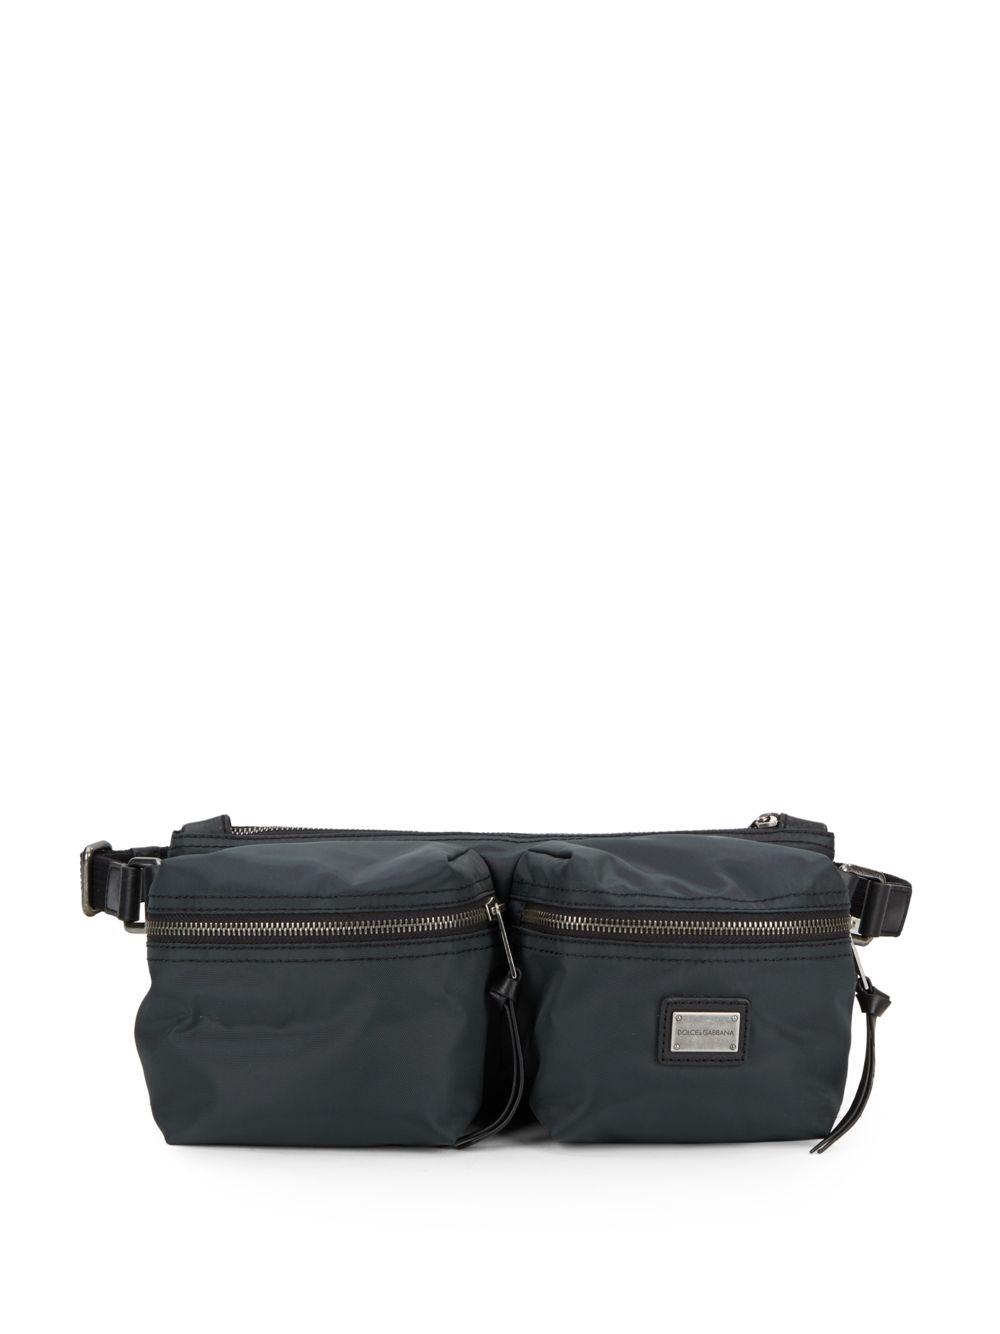 ... Lyst - Dolce Gabbana Nylon Waist Bag in Gray for Men best loved 7702b  2ed28 ... 4020bced5d